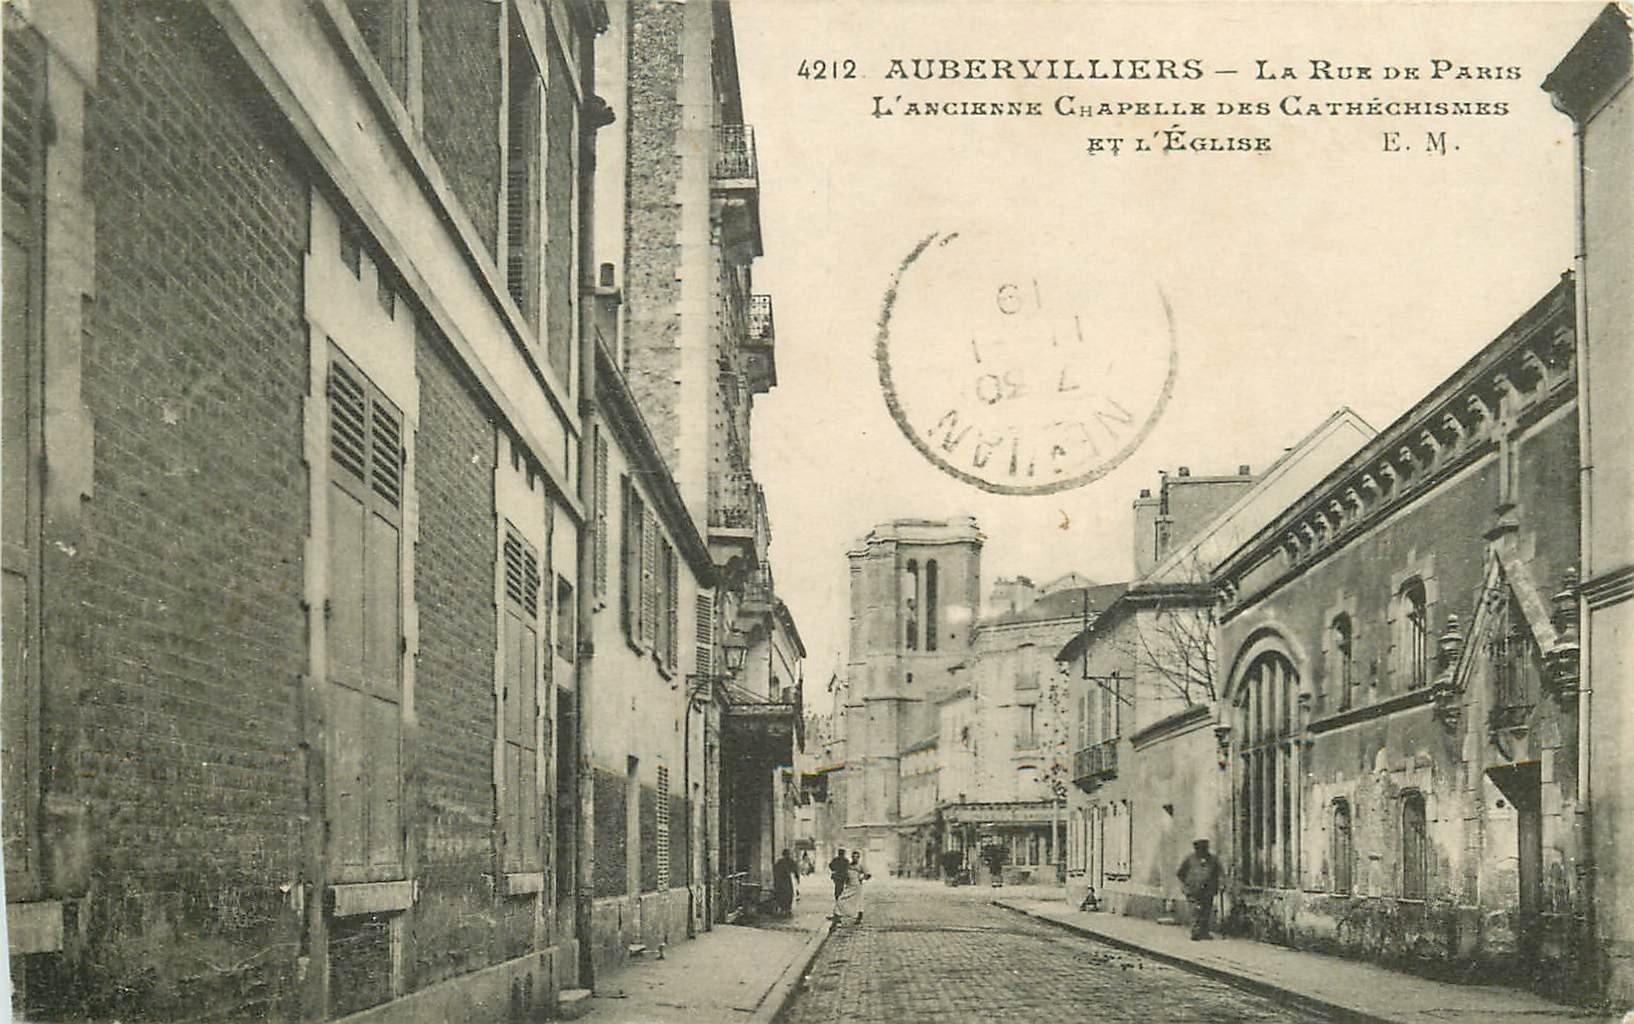 93 AUBERVILLIERS. Eglise ancienne Chapelle des Cathéchismes rue de Paris 1919